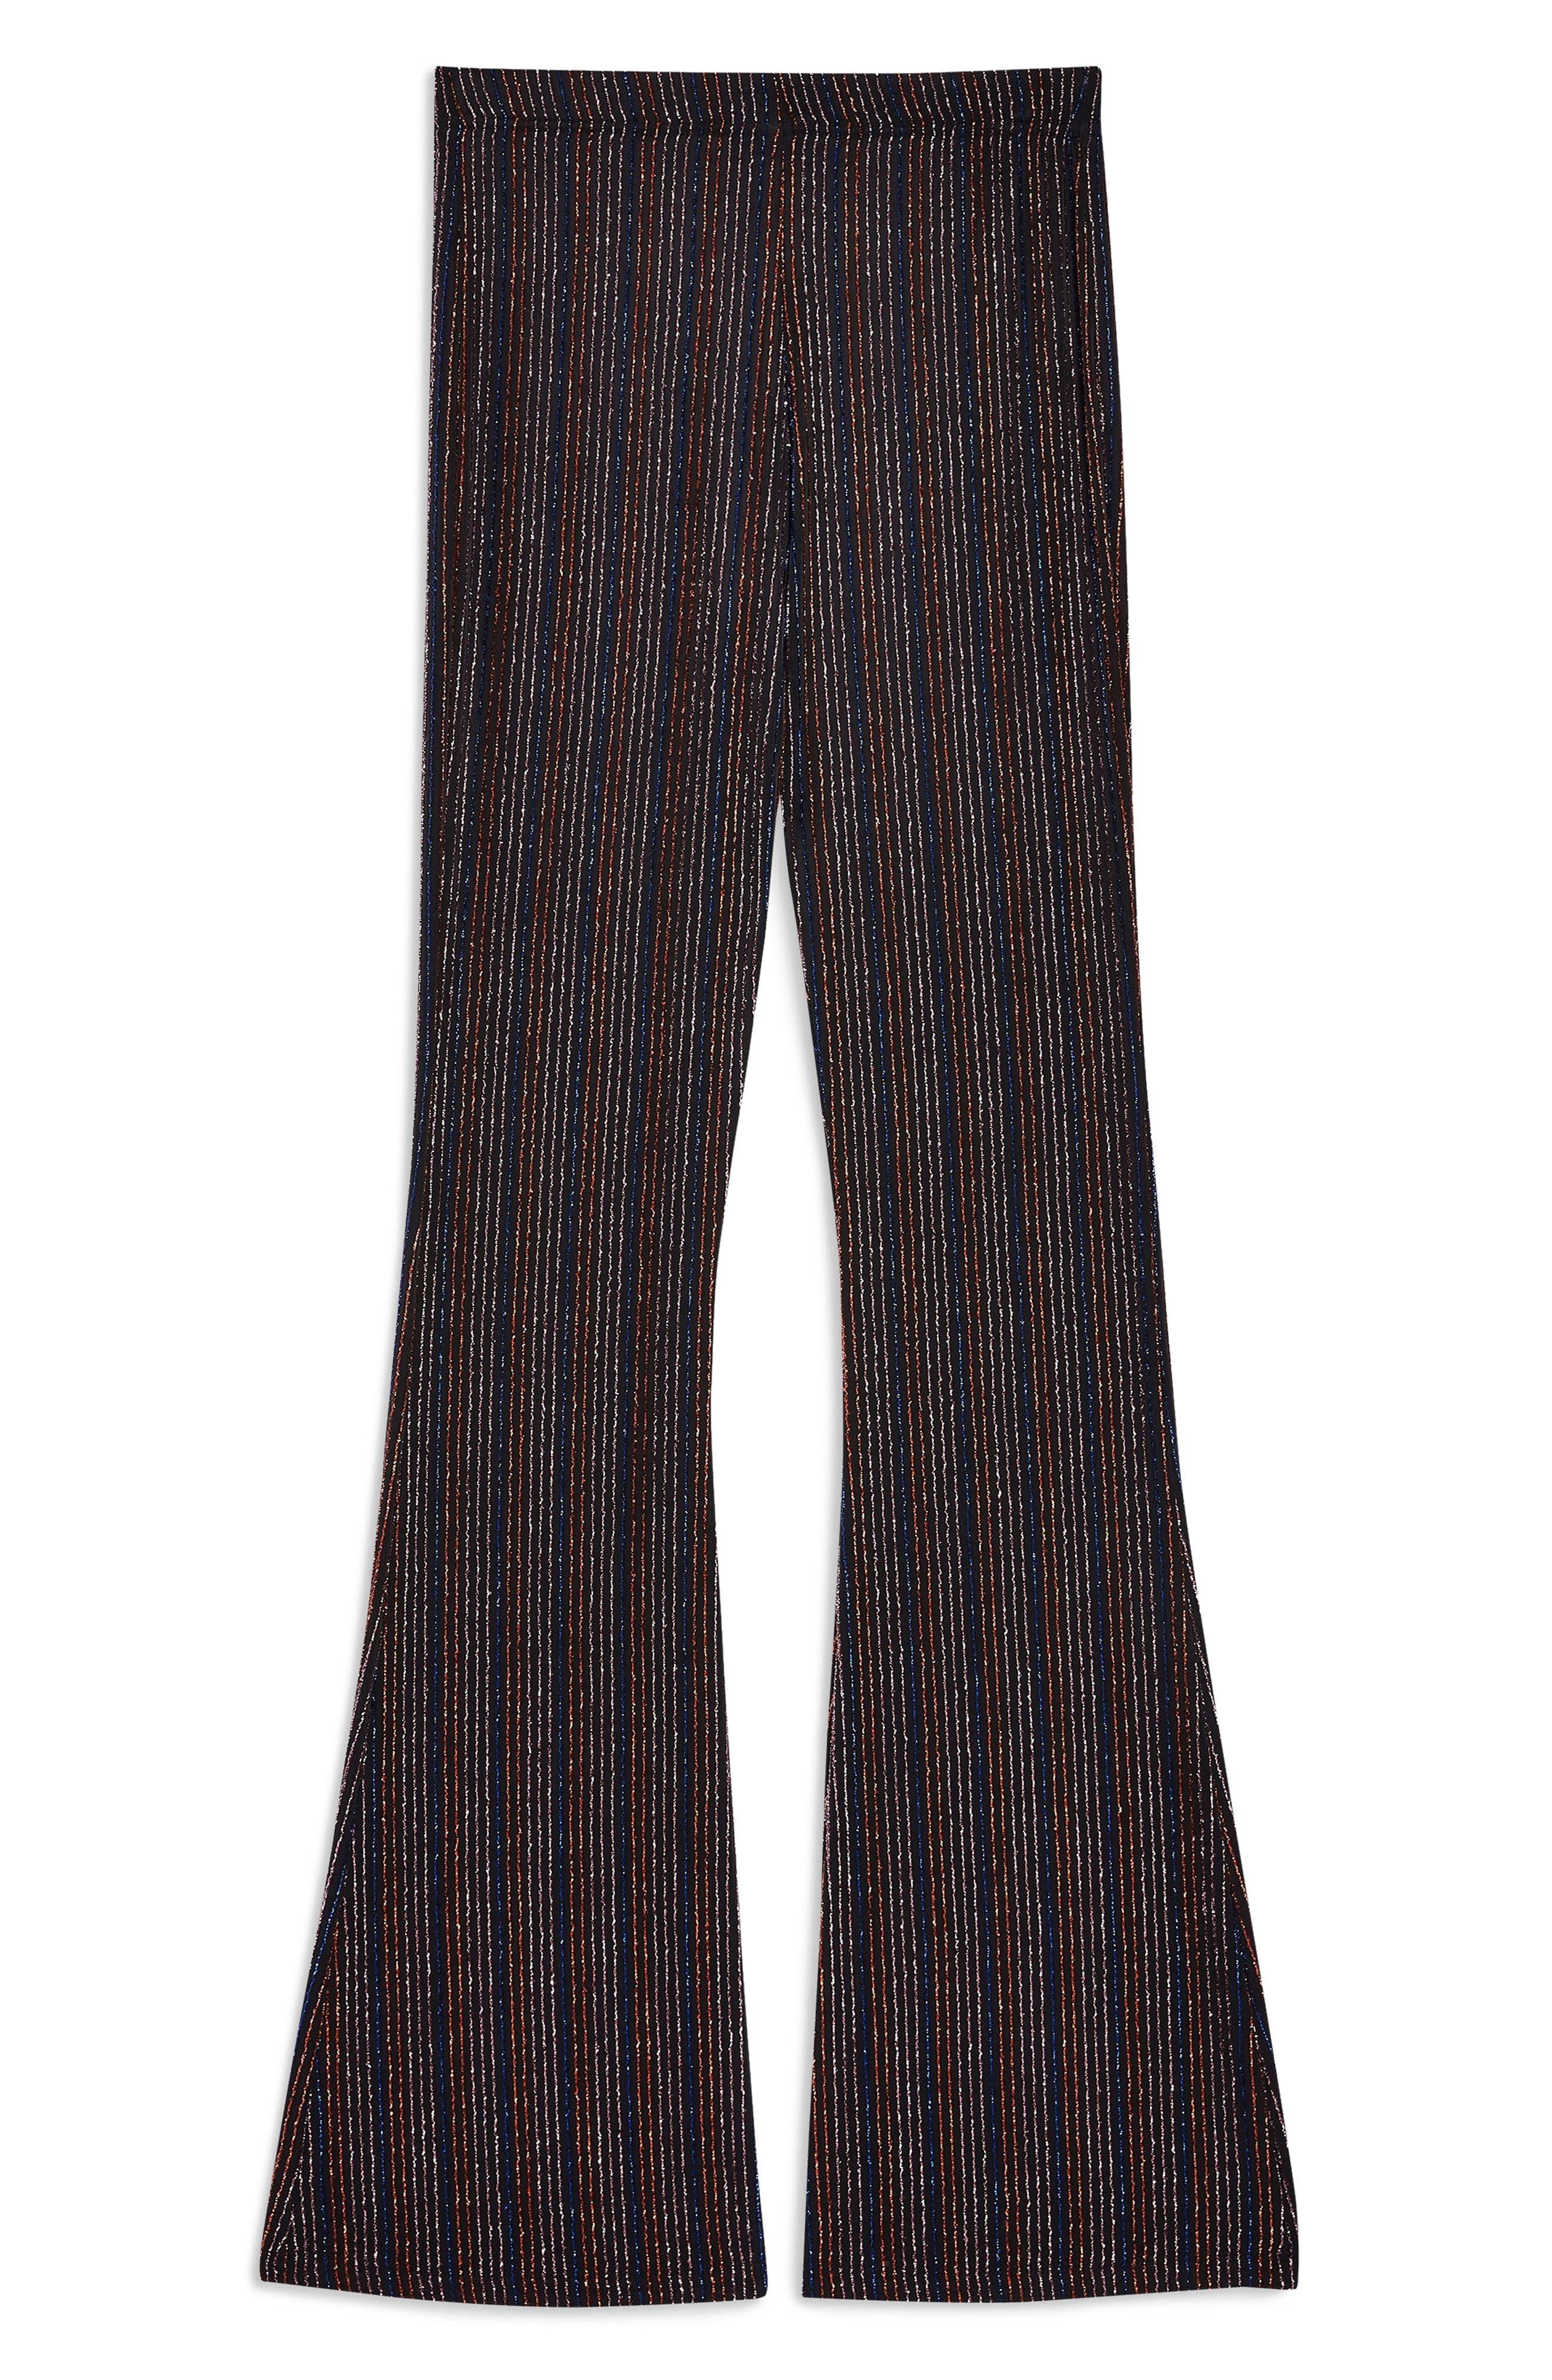 TOPSHOP, Glitter Stripe Flare Leg Pants, Alternate thumbnail 3, color, 001